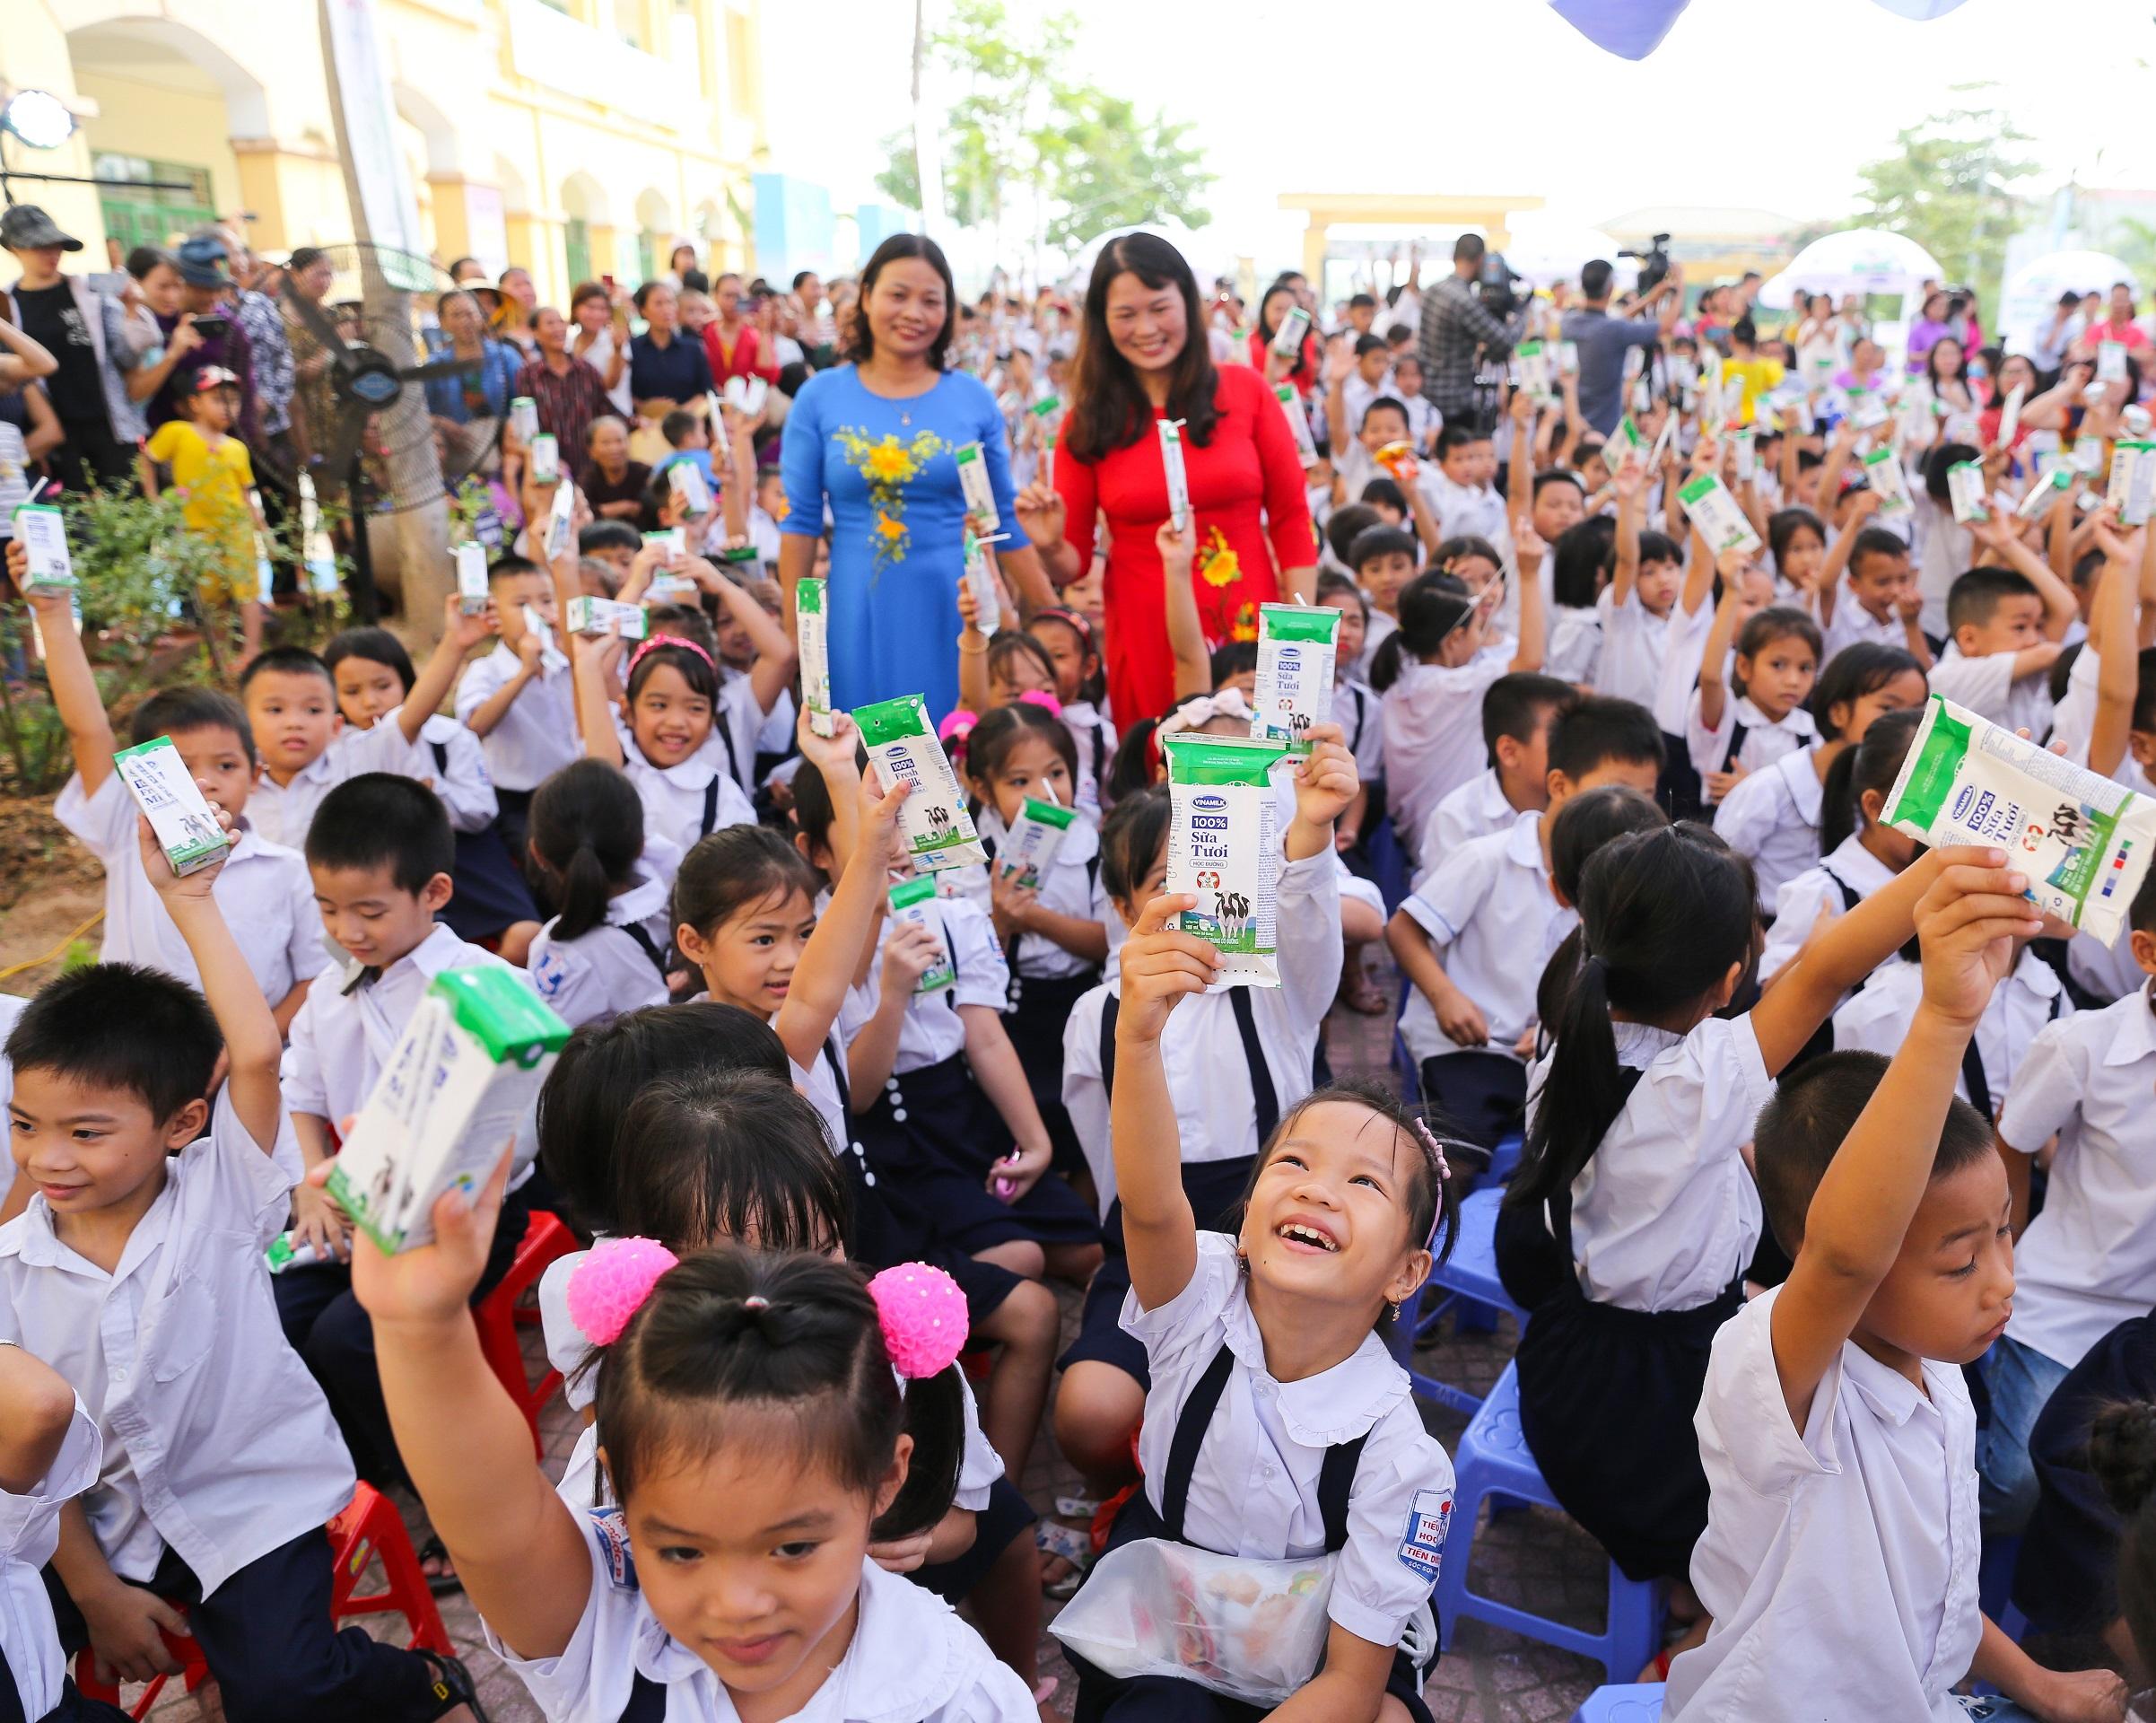 Niềm vui uống sữa của các em học sinh Hà Nội tại chương trình.